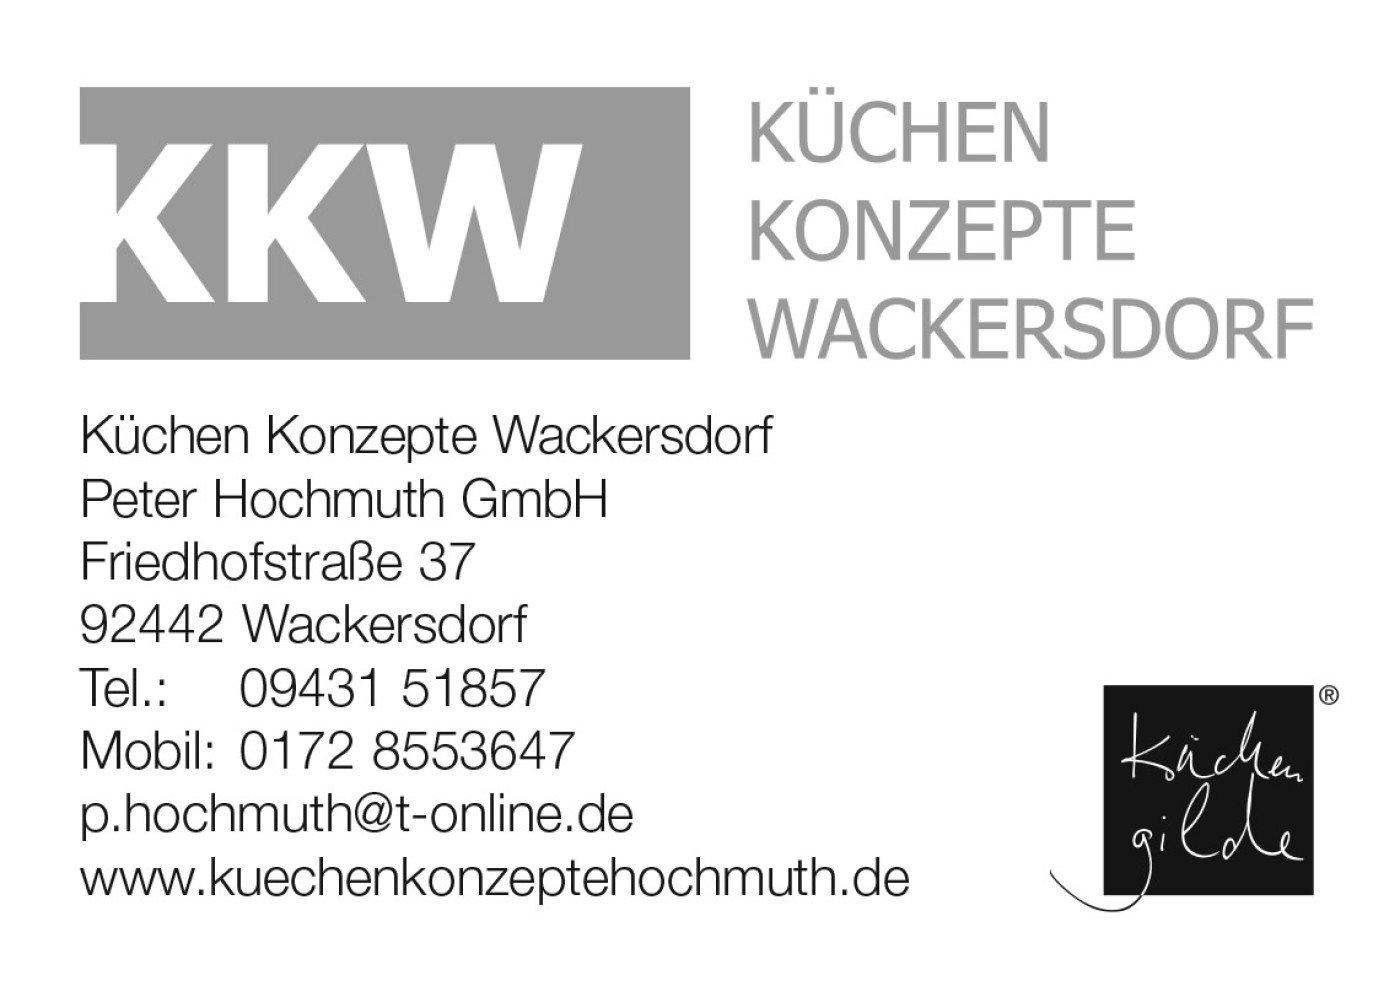 Küchenkonzepte Peter Hochmuth GmbH